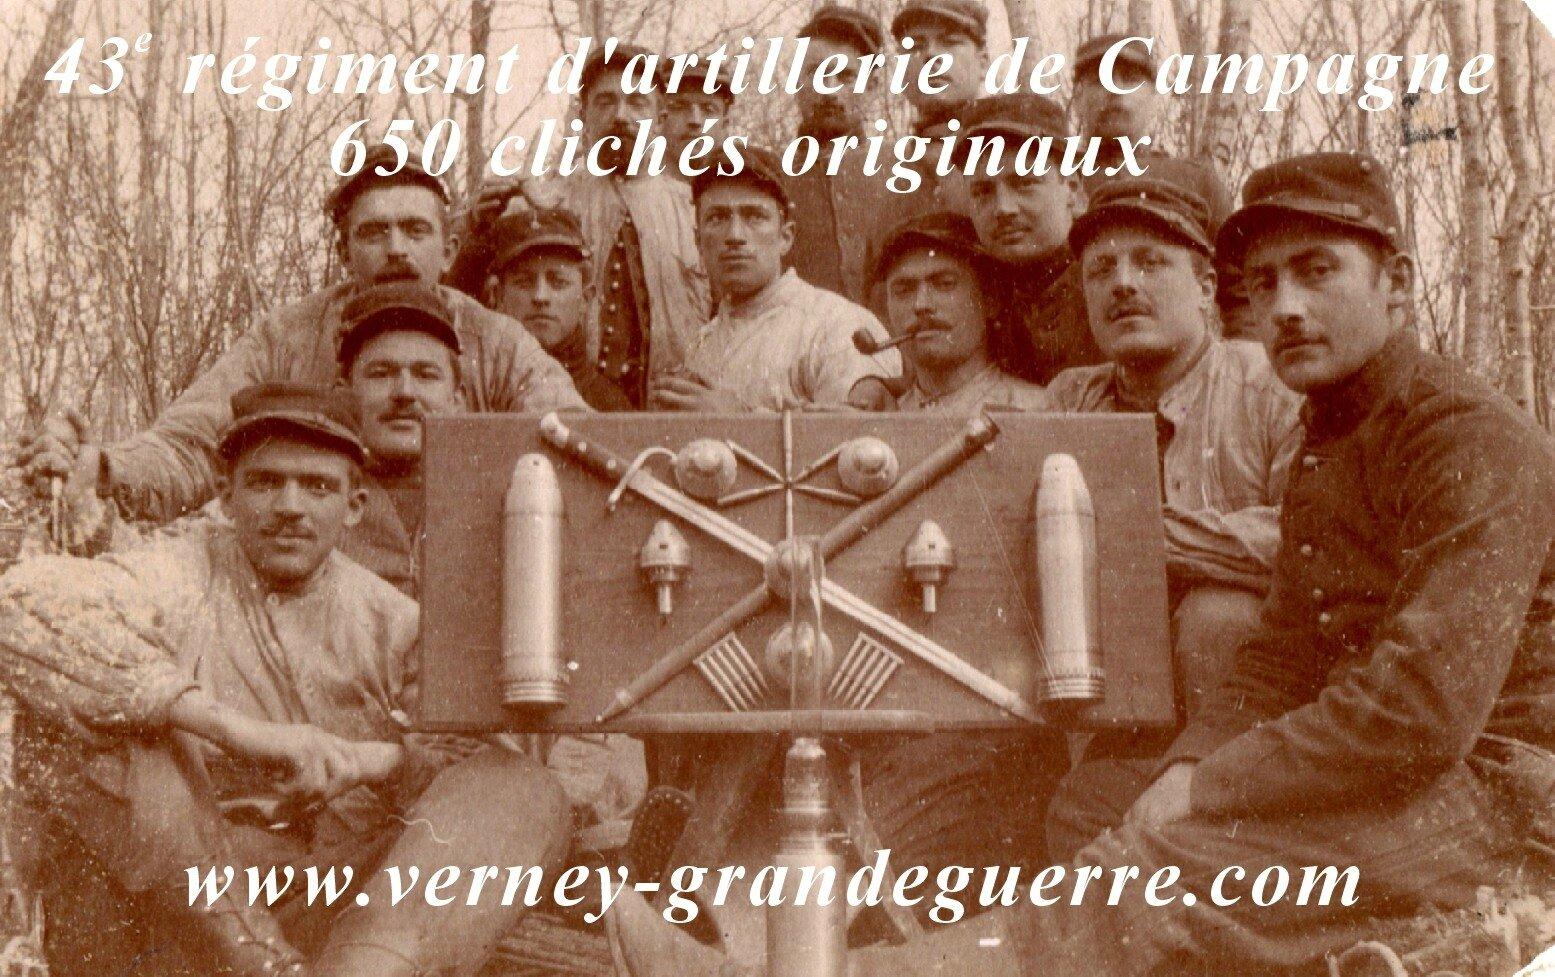 Artillerie 14-18 - photos Verney-grandeguerre